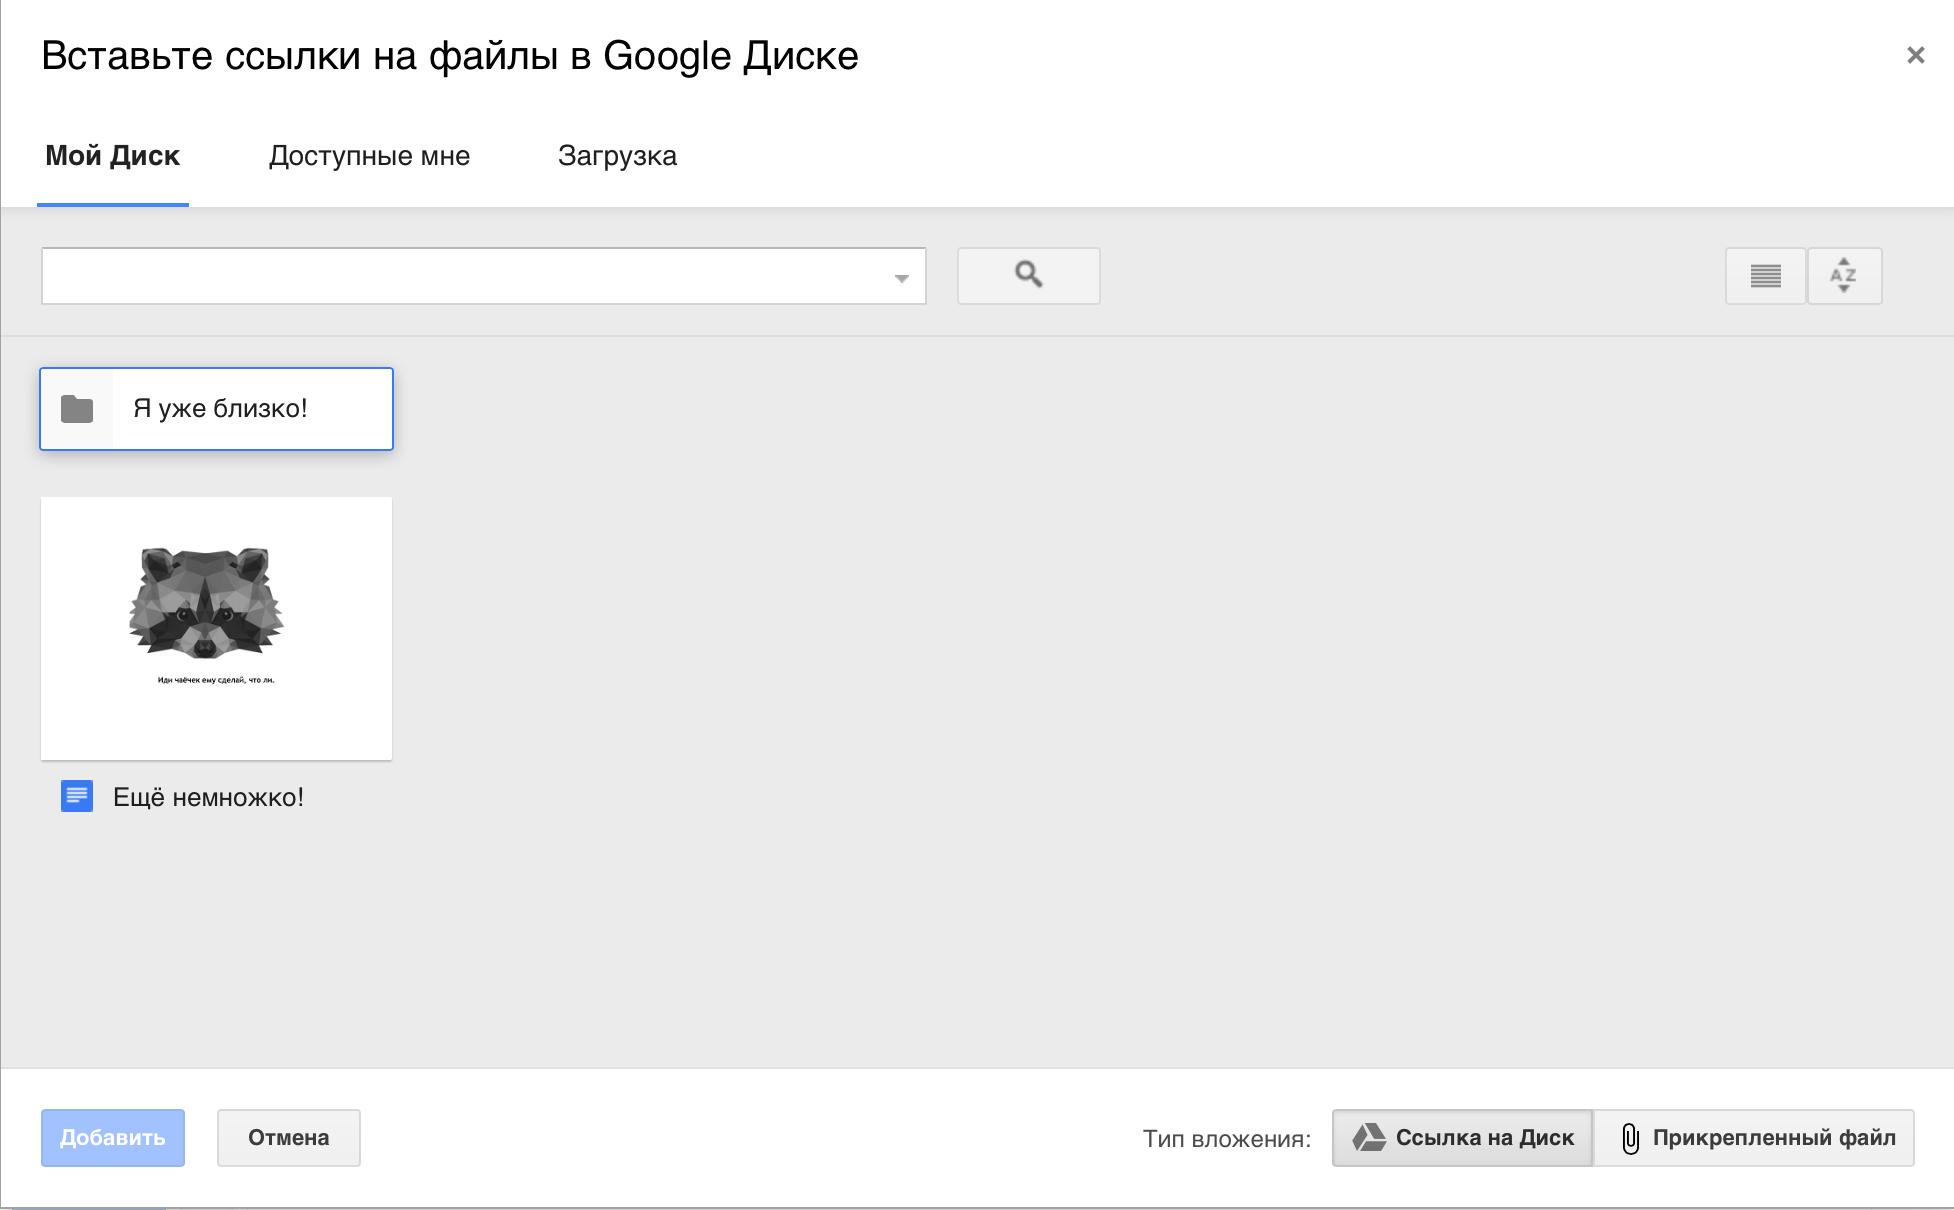 Как сделать ссылку на скачивание файла с гугл диска